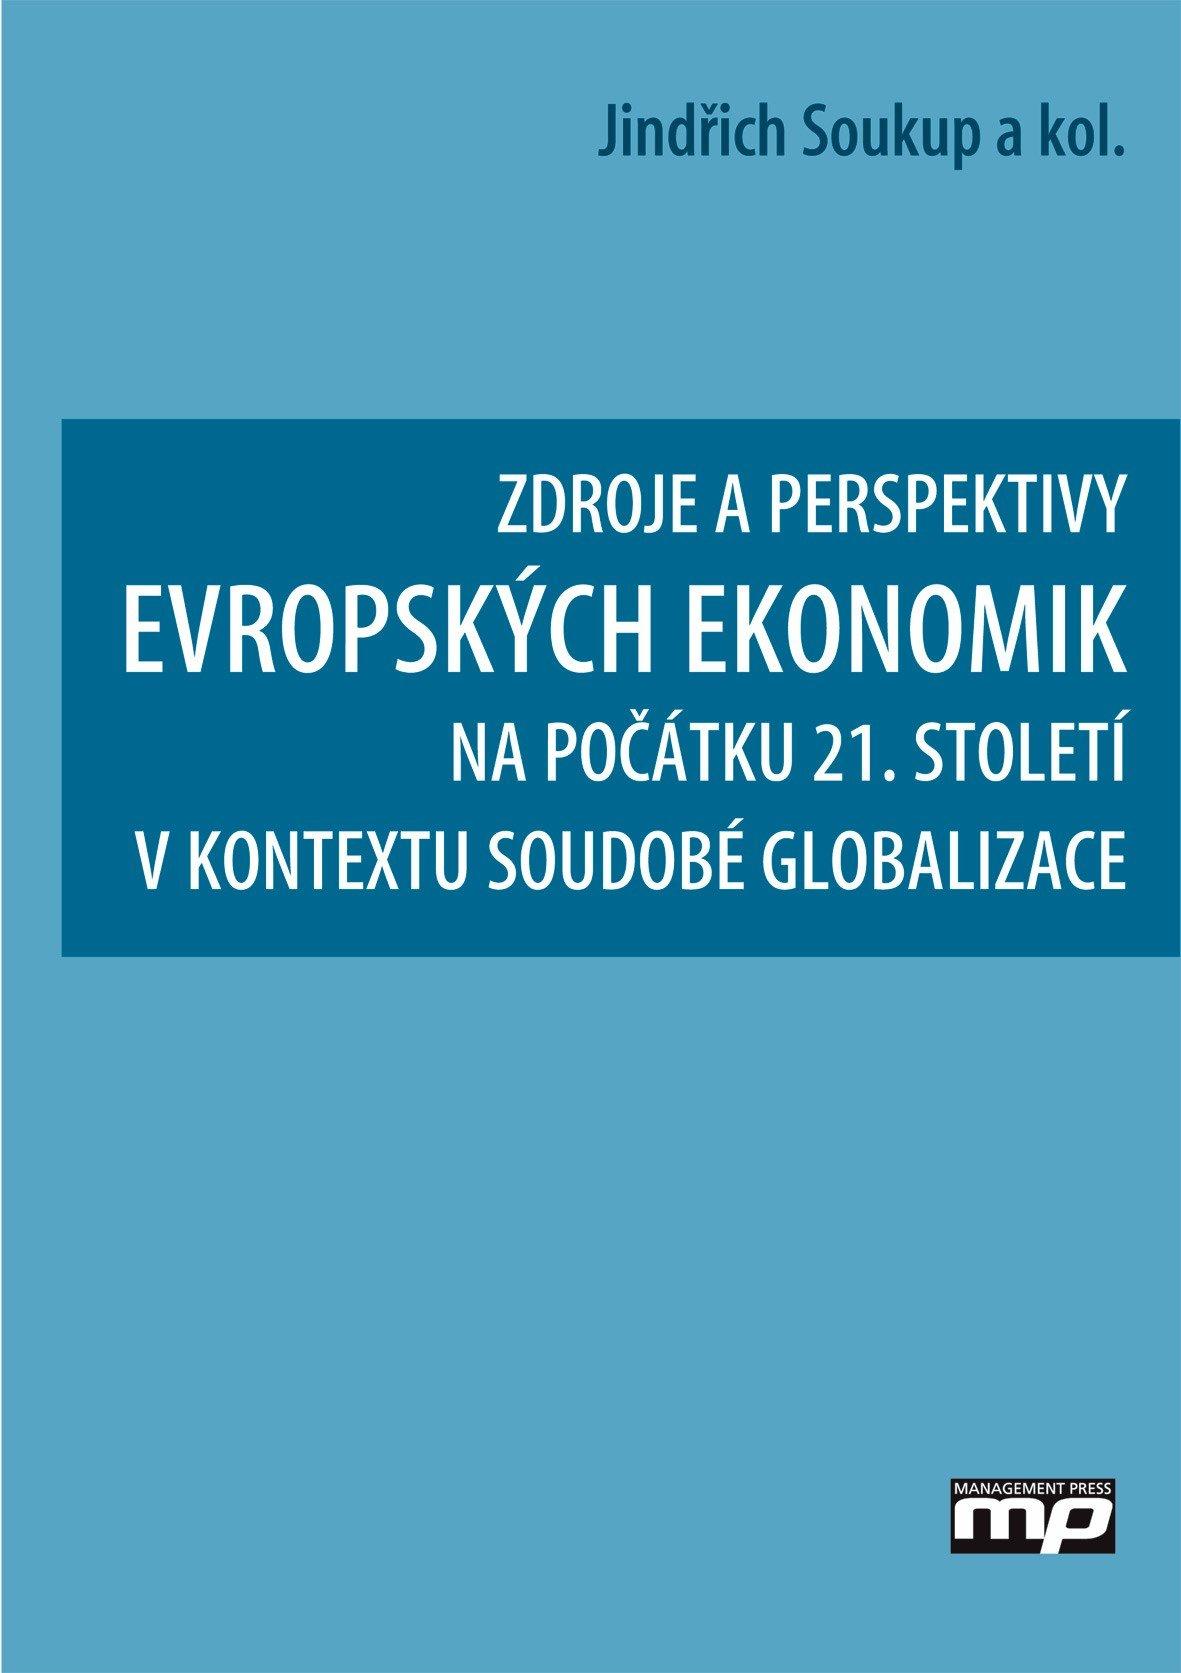 Zdroje a perspektivy evropských ekonomik - Jindřich Soukup